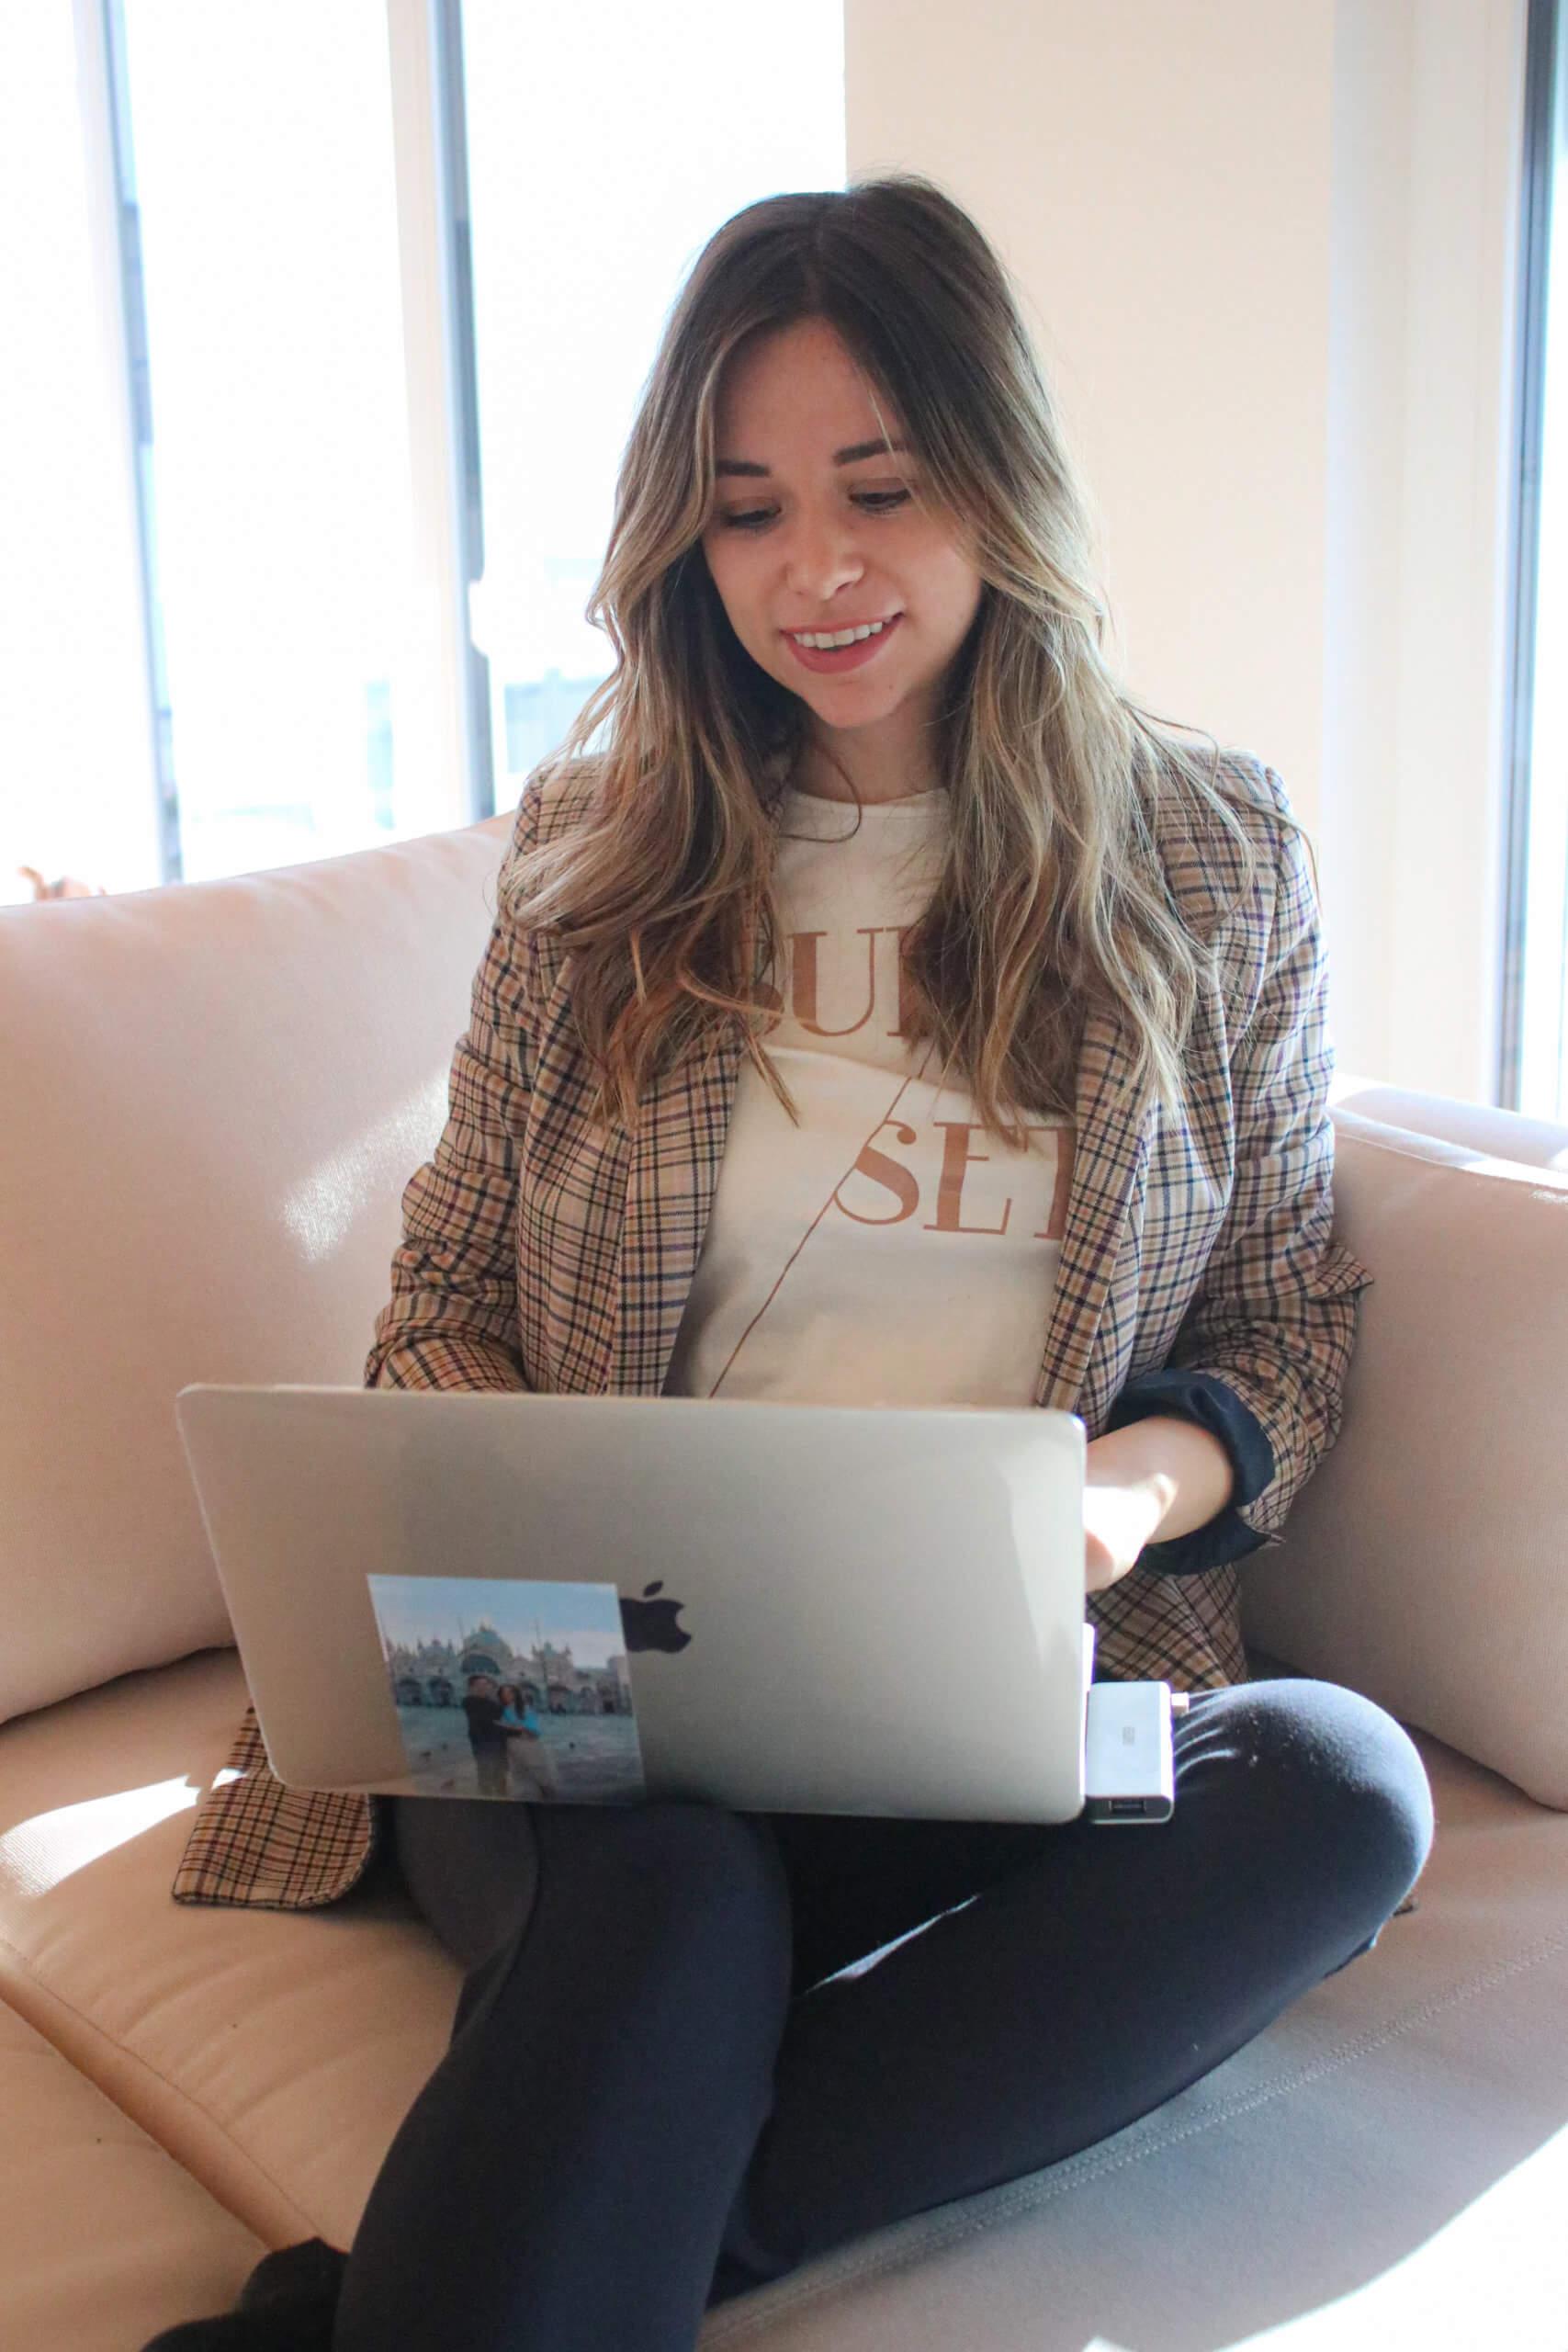 Homeoffice Outfit – für produktive Arbeitsstunden im gemütlichen Business Look